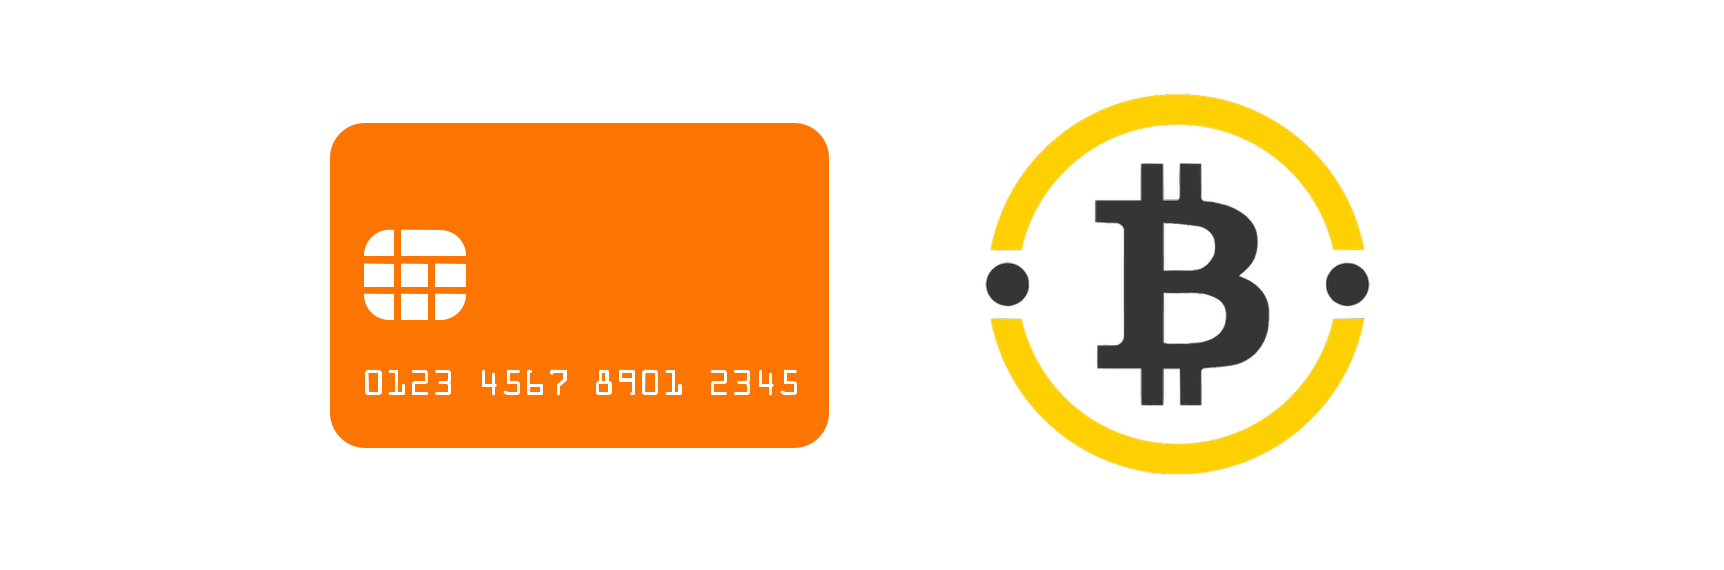 wie man bitcoin broker forex und cfd trading erfahrungen